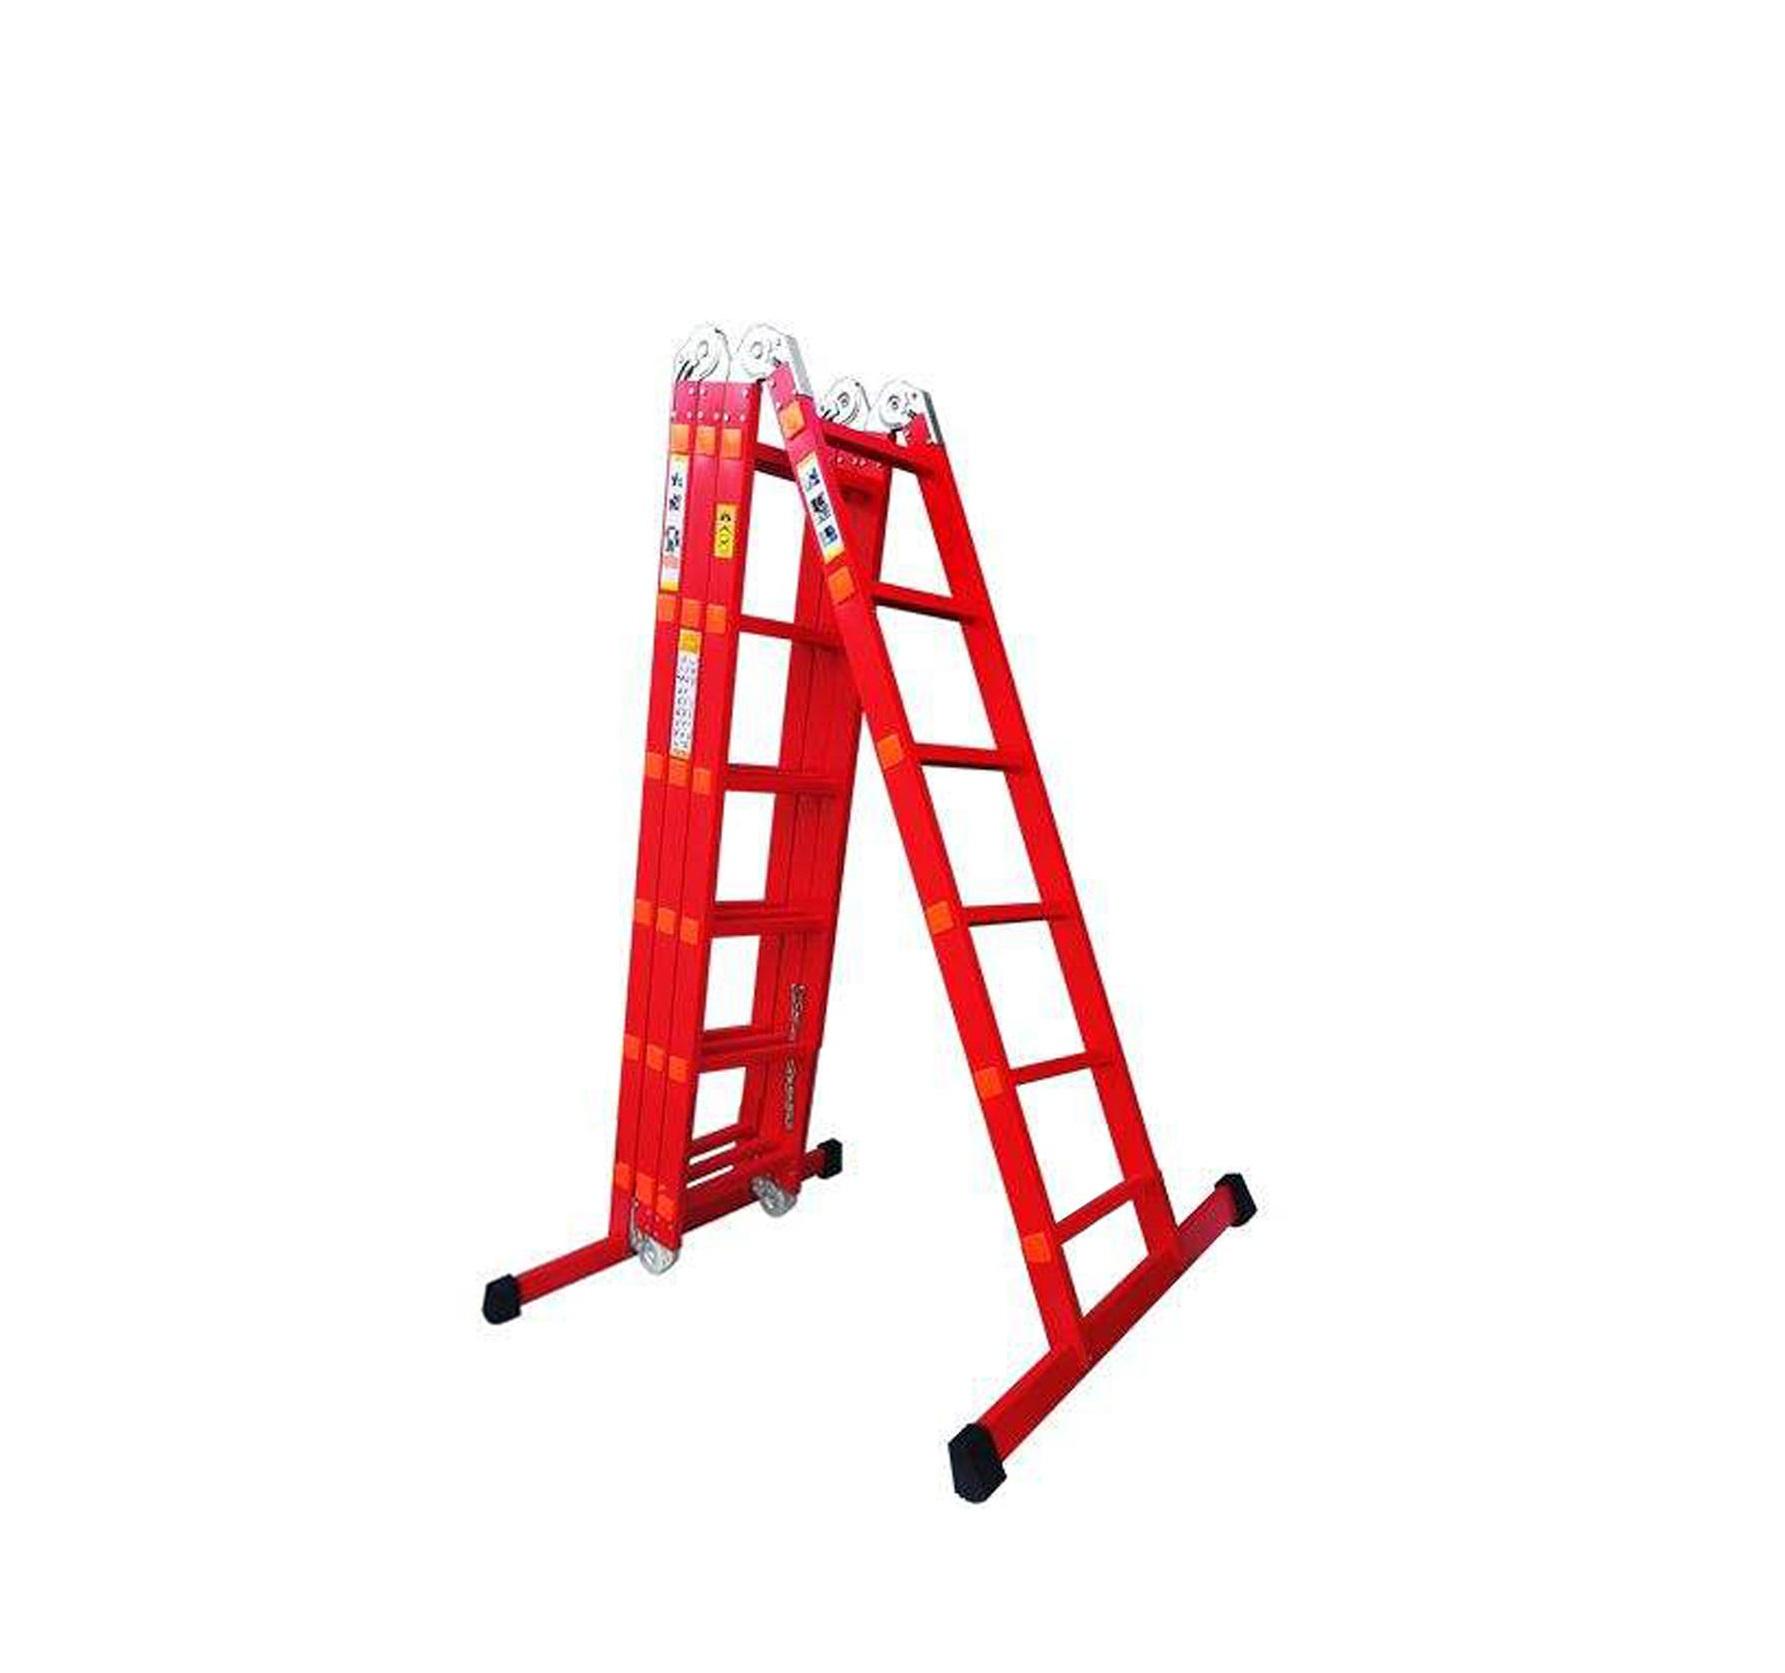 نردبان 24 پله - As4p24